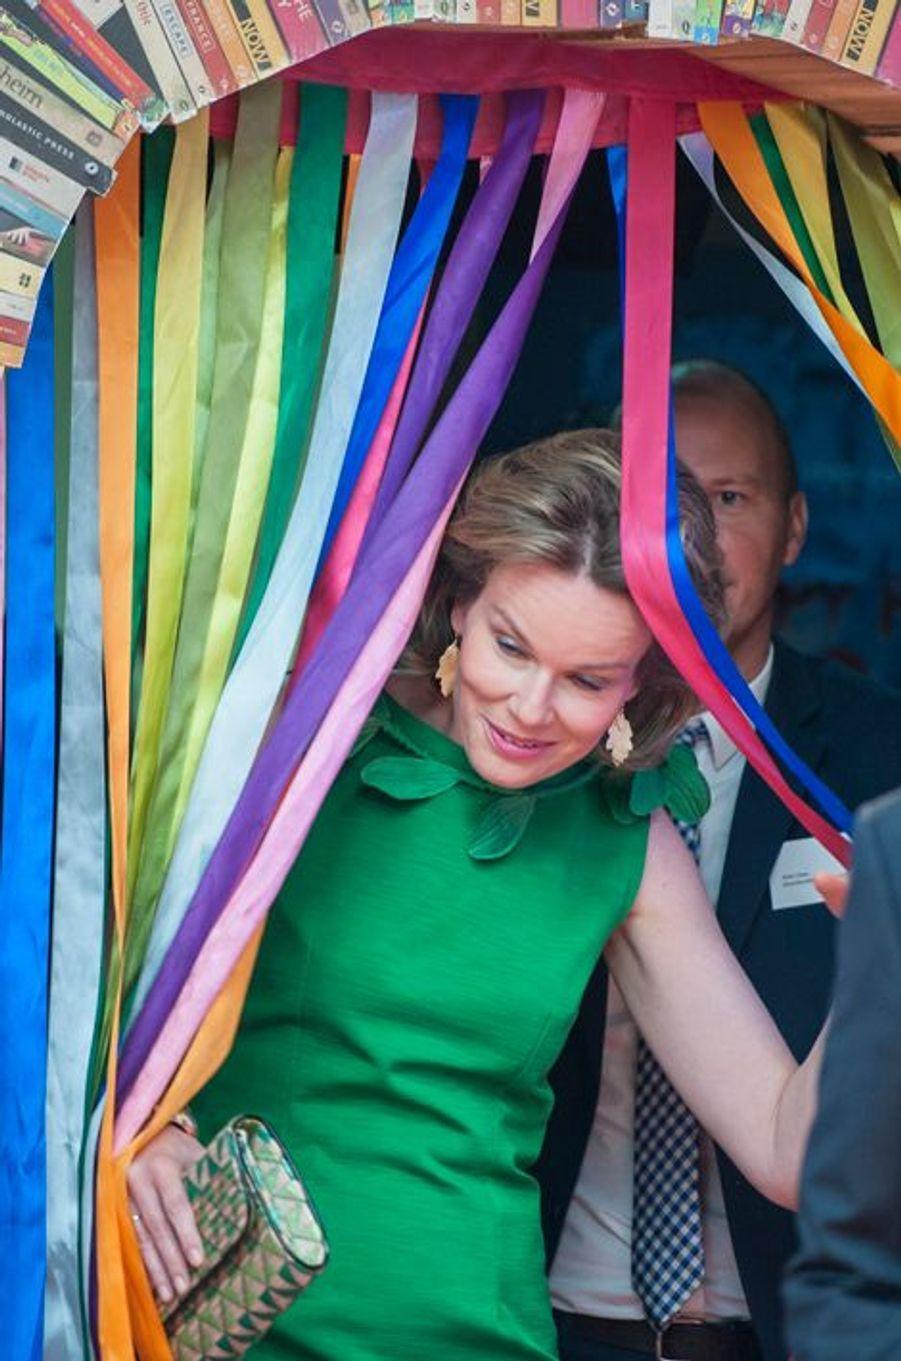 Le roi des Belges Philippe et la reine Mathilde ont effectué ce jeudi 28 mai une visite à la VRT, la chaîne de télévision publique flamande.Chaque dimanche, le Royal Blog de Paris Match vous propose de voir ou revoir les plus belles photographies de la semaine royale.